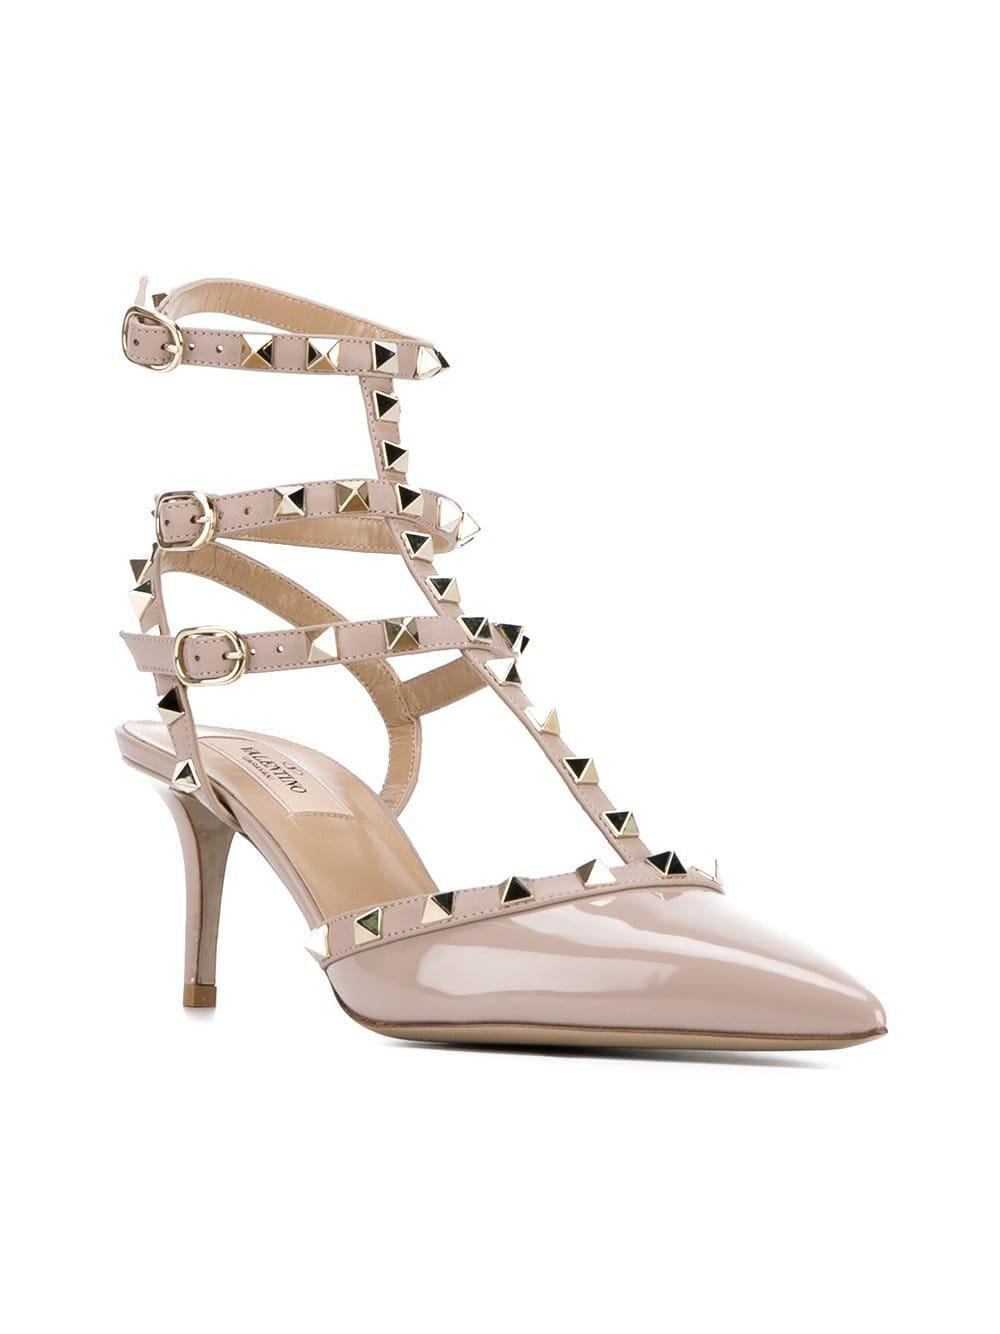 7474155c674 Lyst - Valentino Garavani Rockstud Ankle Strap Pumps in Pink